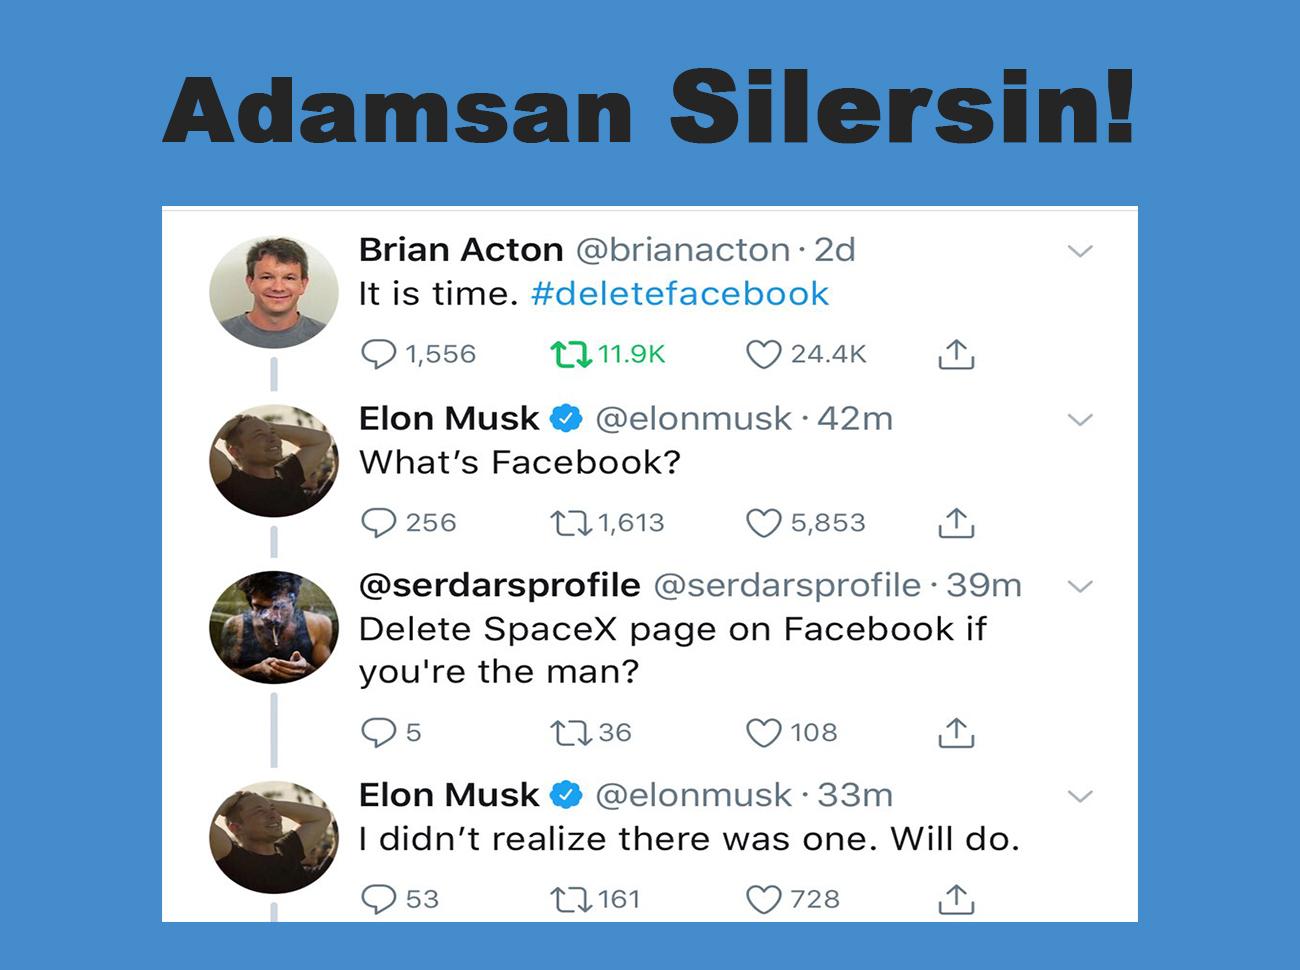 """Türk Takipçisinden Elon Musk'a İbretlik Facebook Çağrısı: """"Adamsan Silersin"""""""